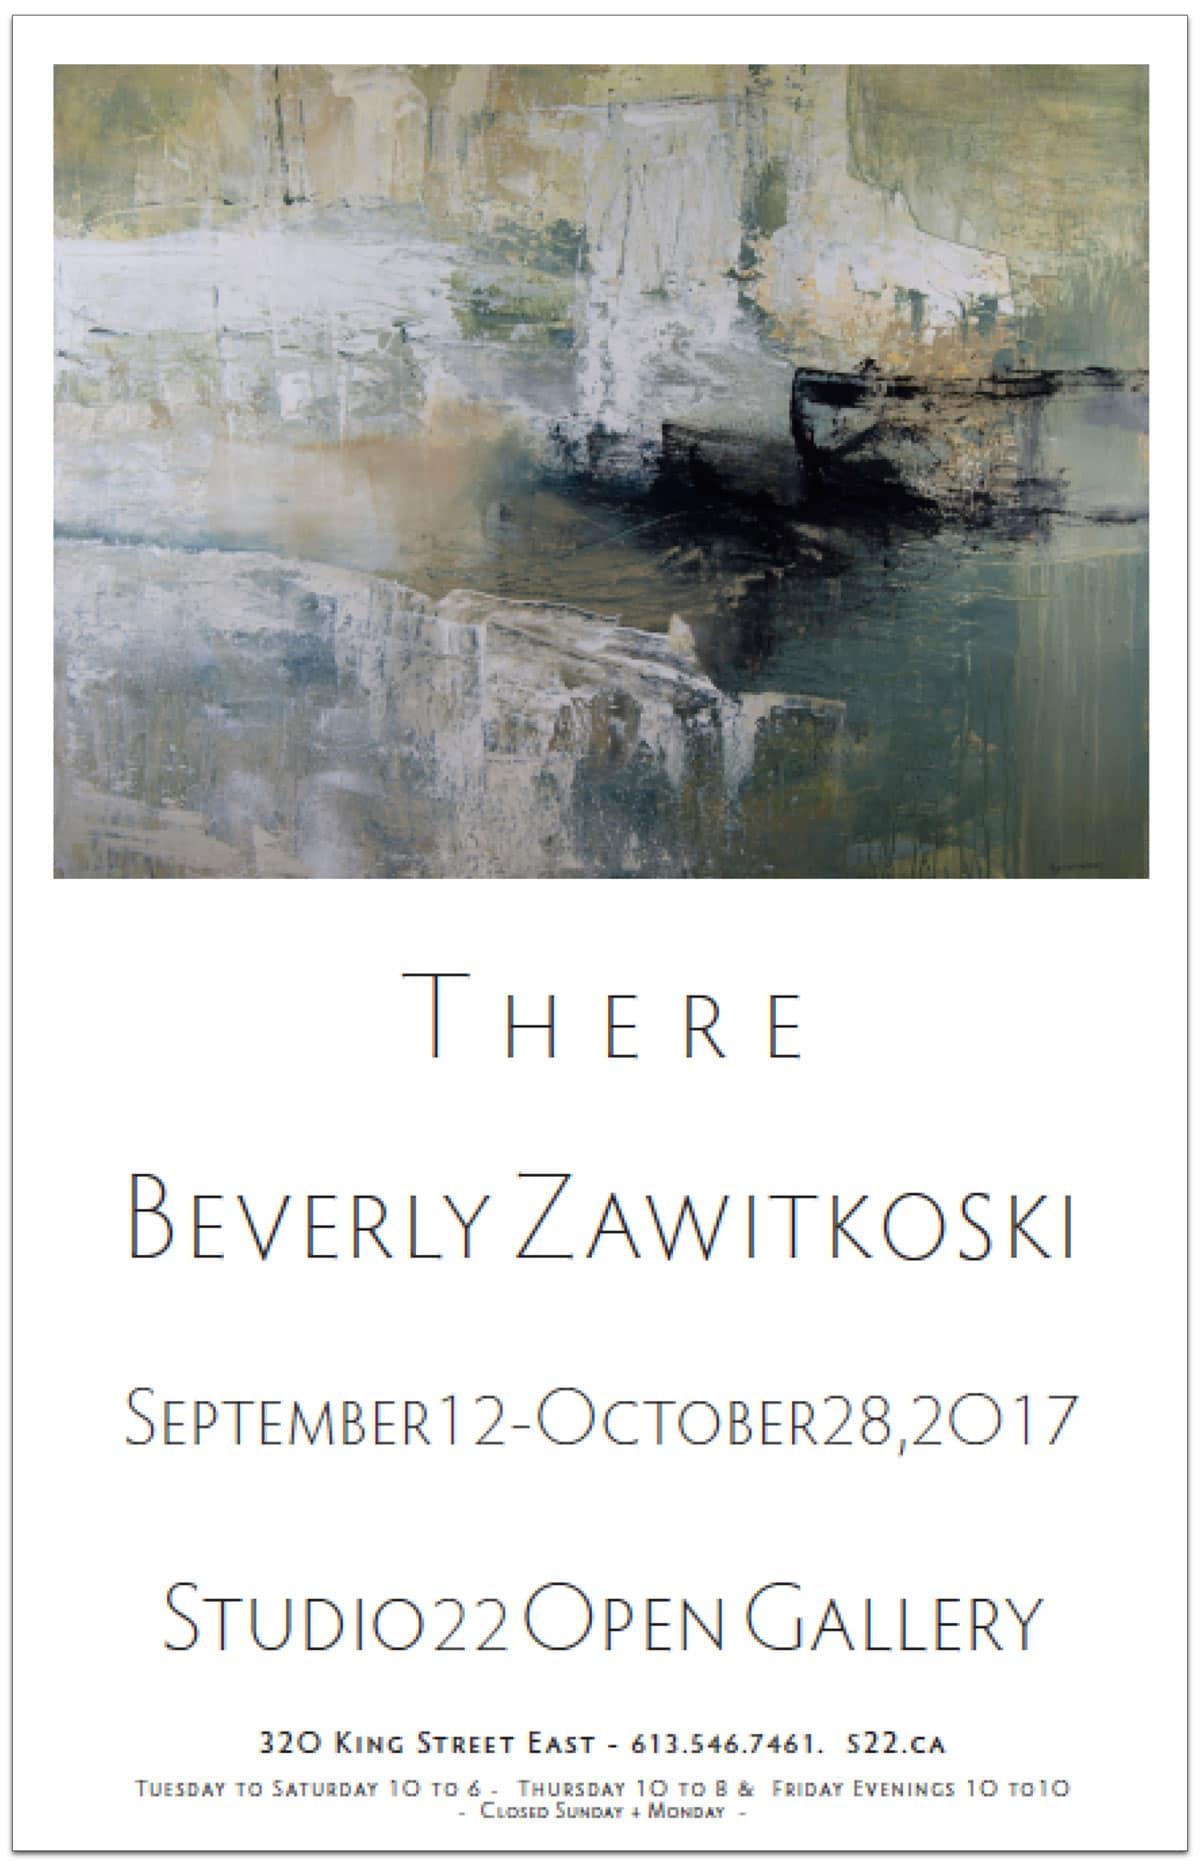 Beverly Zawitkoski